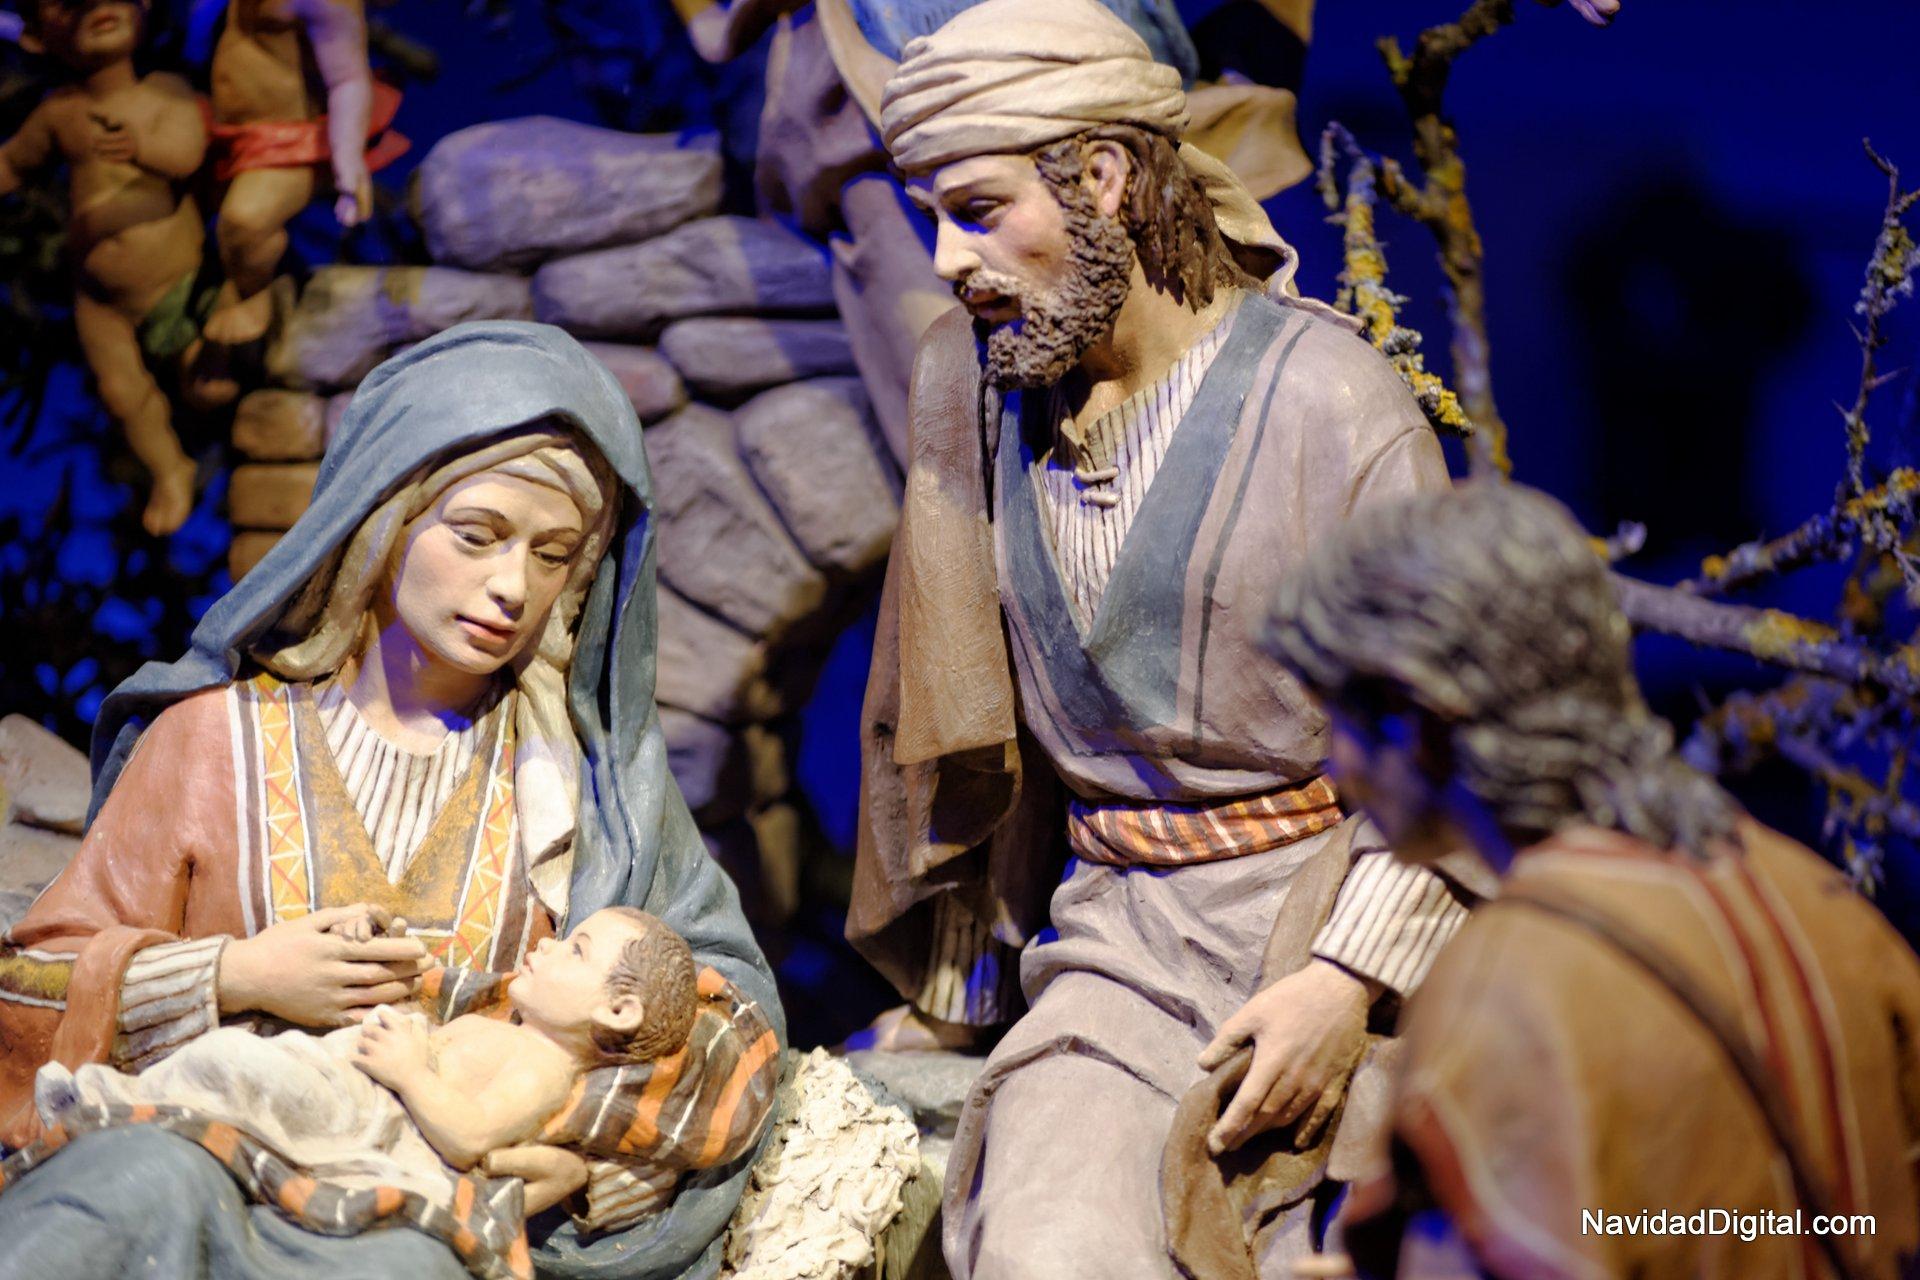 Nacimiento diurno detalle el blog de navidad digital for Nacimiento belen